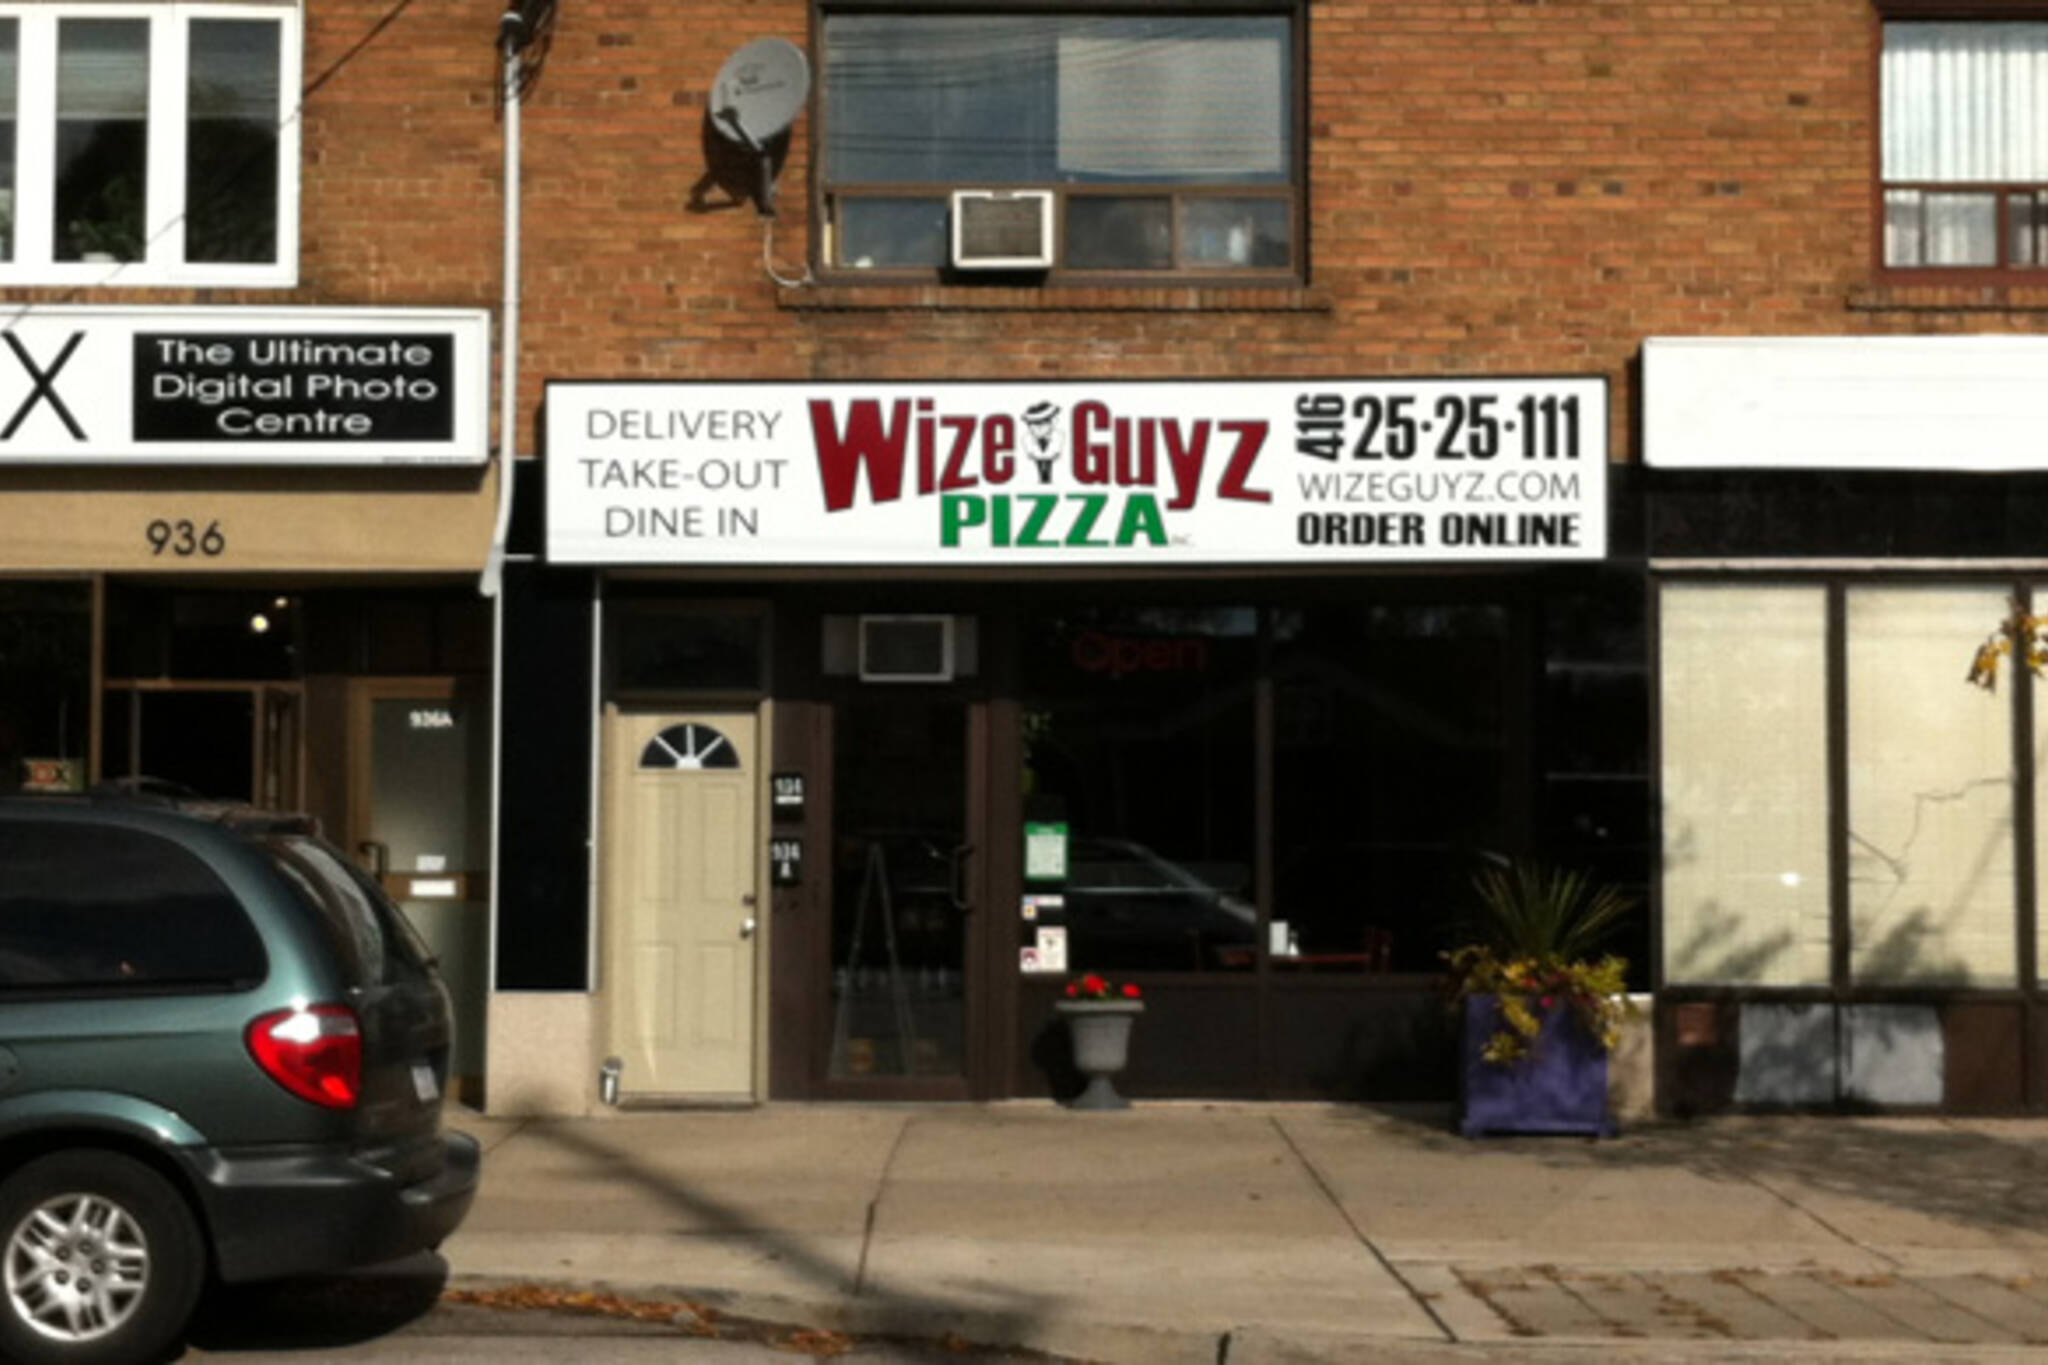 Wize Guyz Pizza